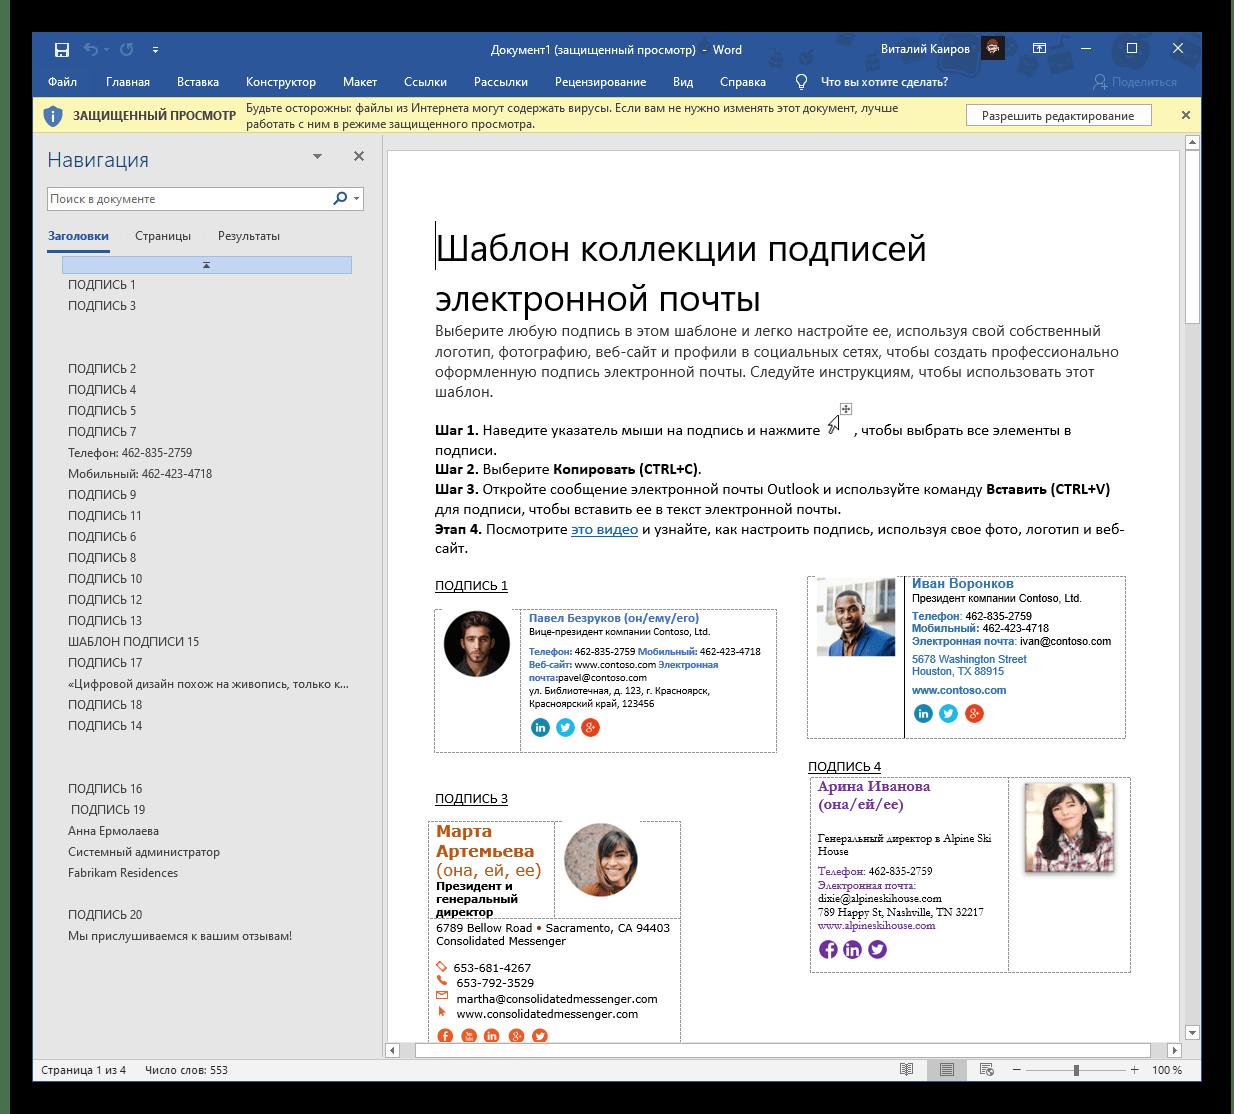 Microsoft Outlook үшін электрондық пошта қолтаңбасы жинағы бар файл Word бағдарламасында ашық